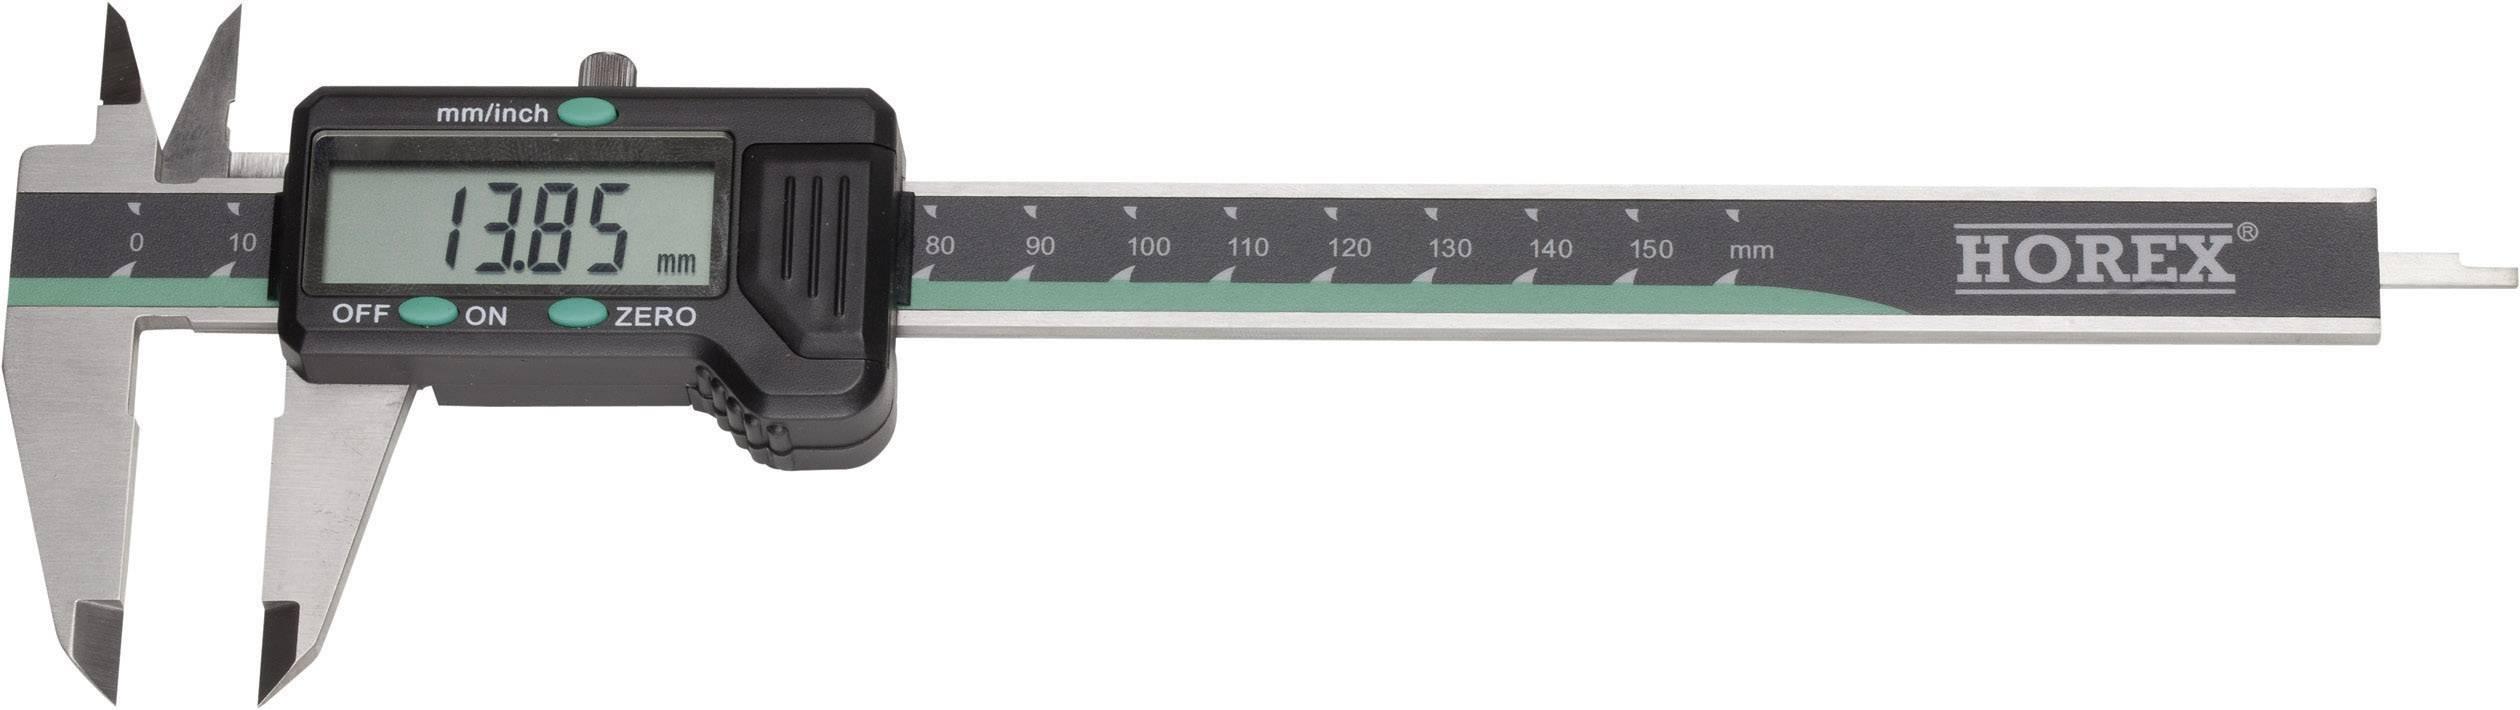 Digitálne posuvné meradlo Horex 2211218, rozsah merania 200 mm